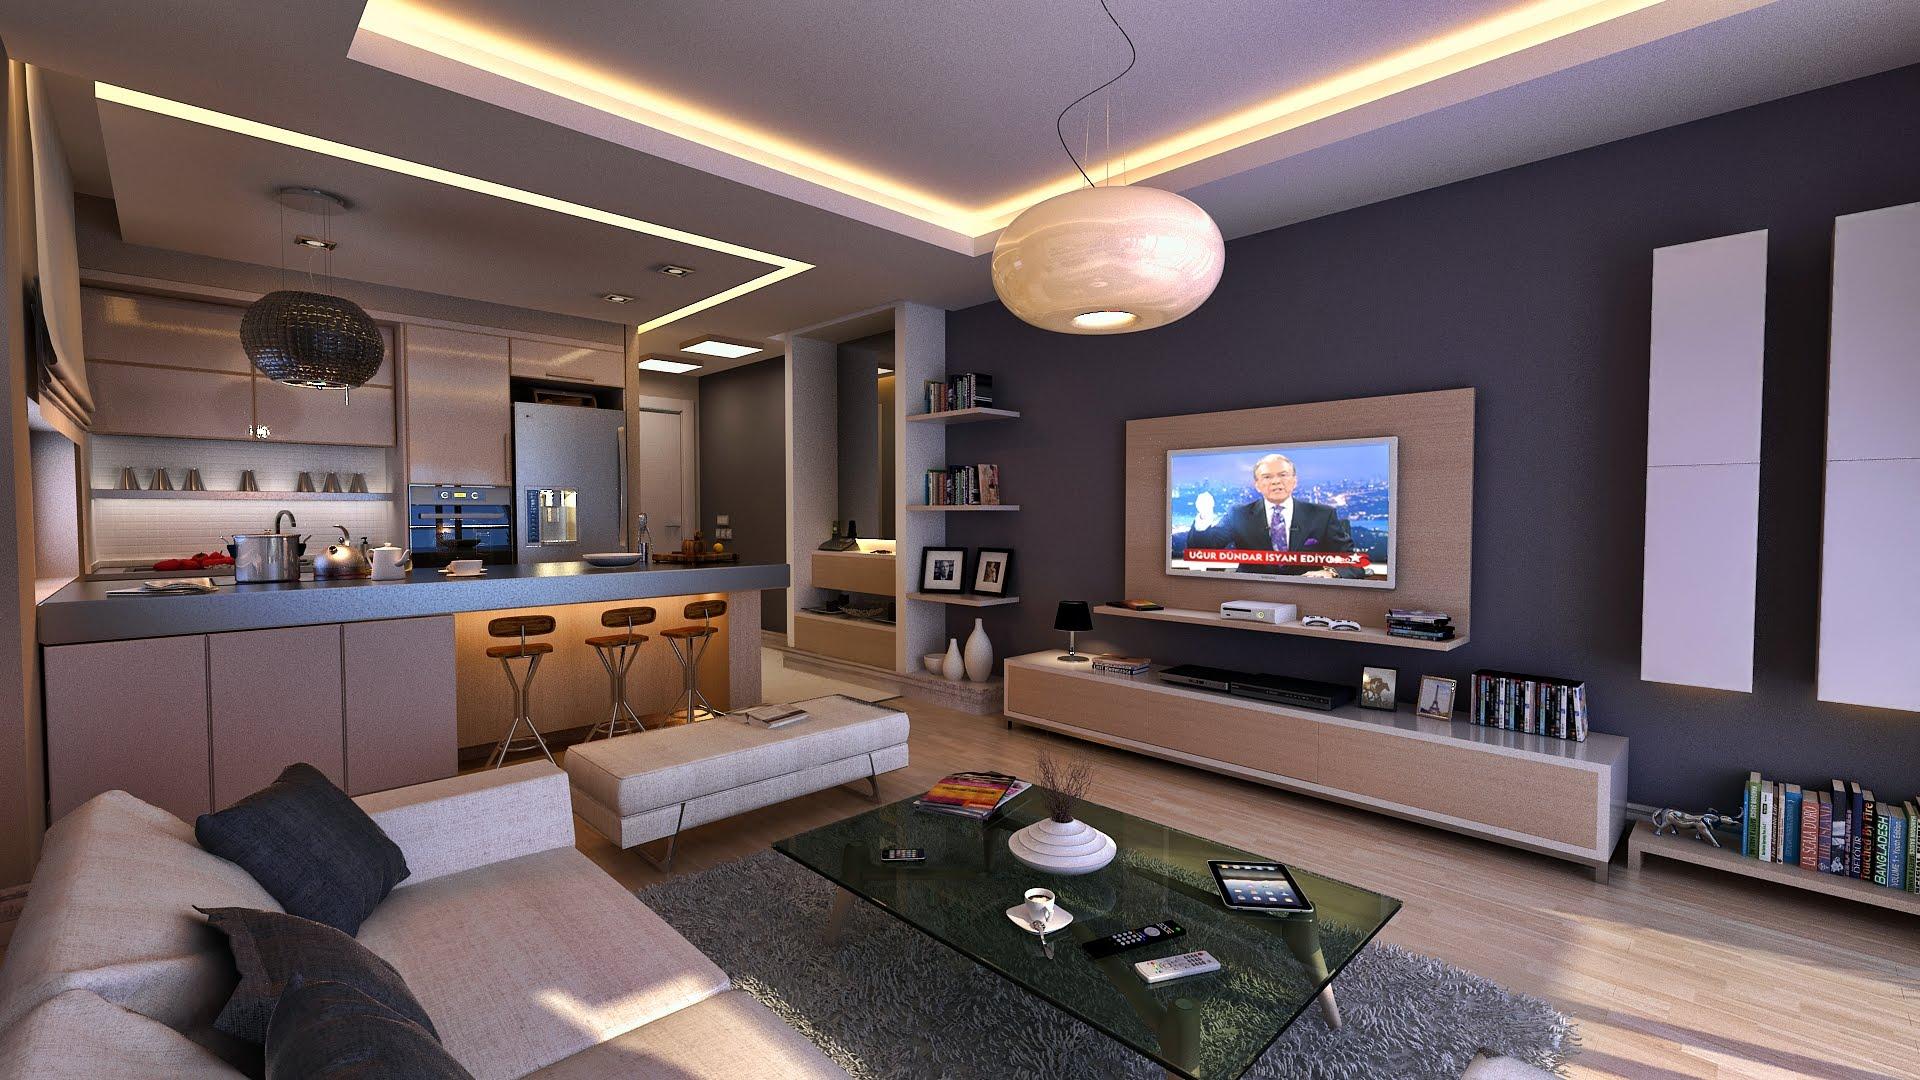 Apartment Living Room Interior Design Ideas Best Home Design Video